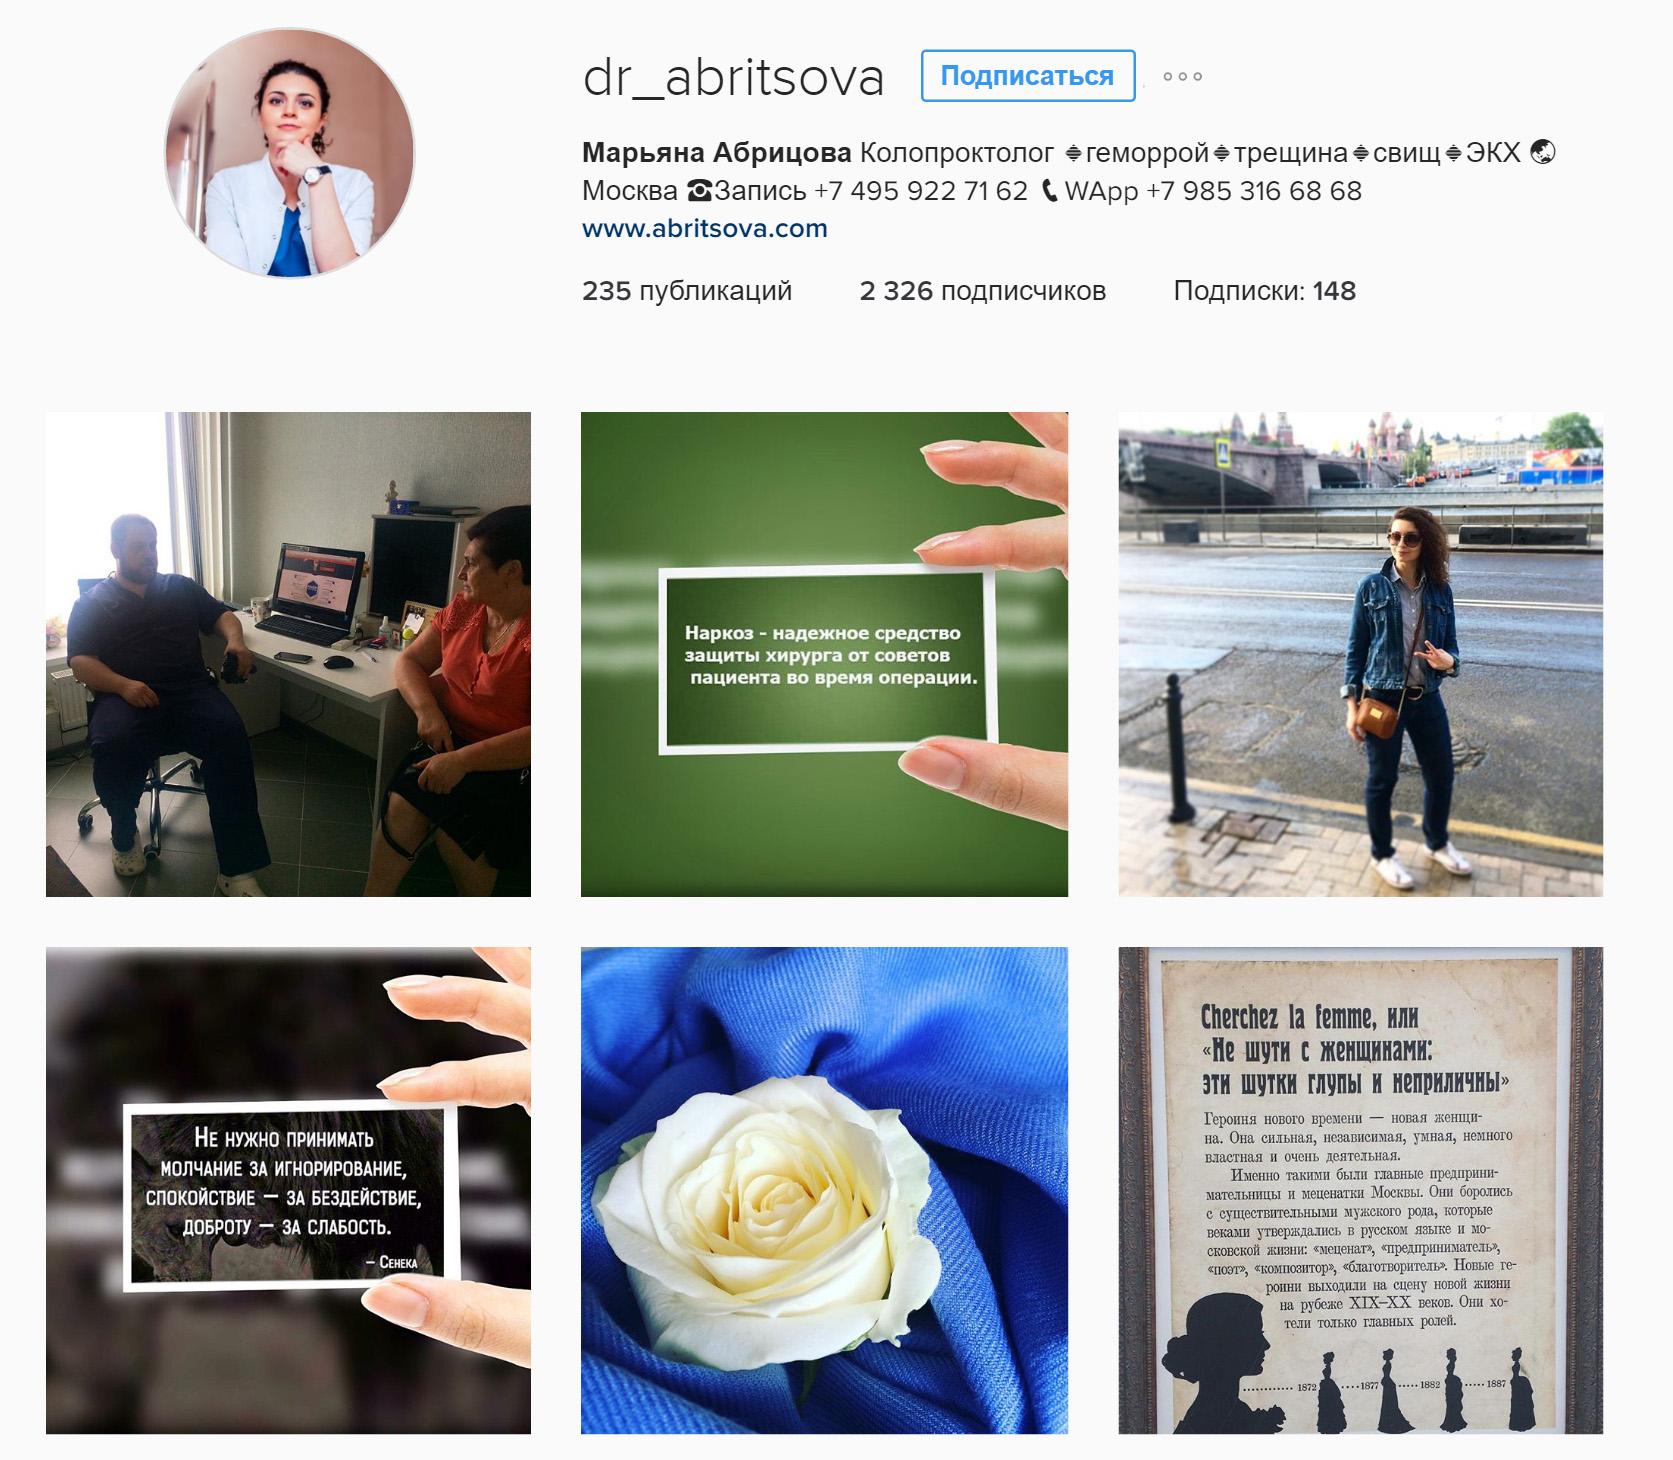 uslugi-v-instagram-prodvizhenie-ot-manikyura-do-koloproktologa | naoblakax.ru